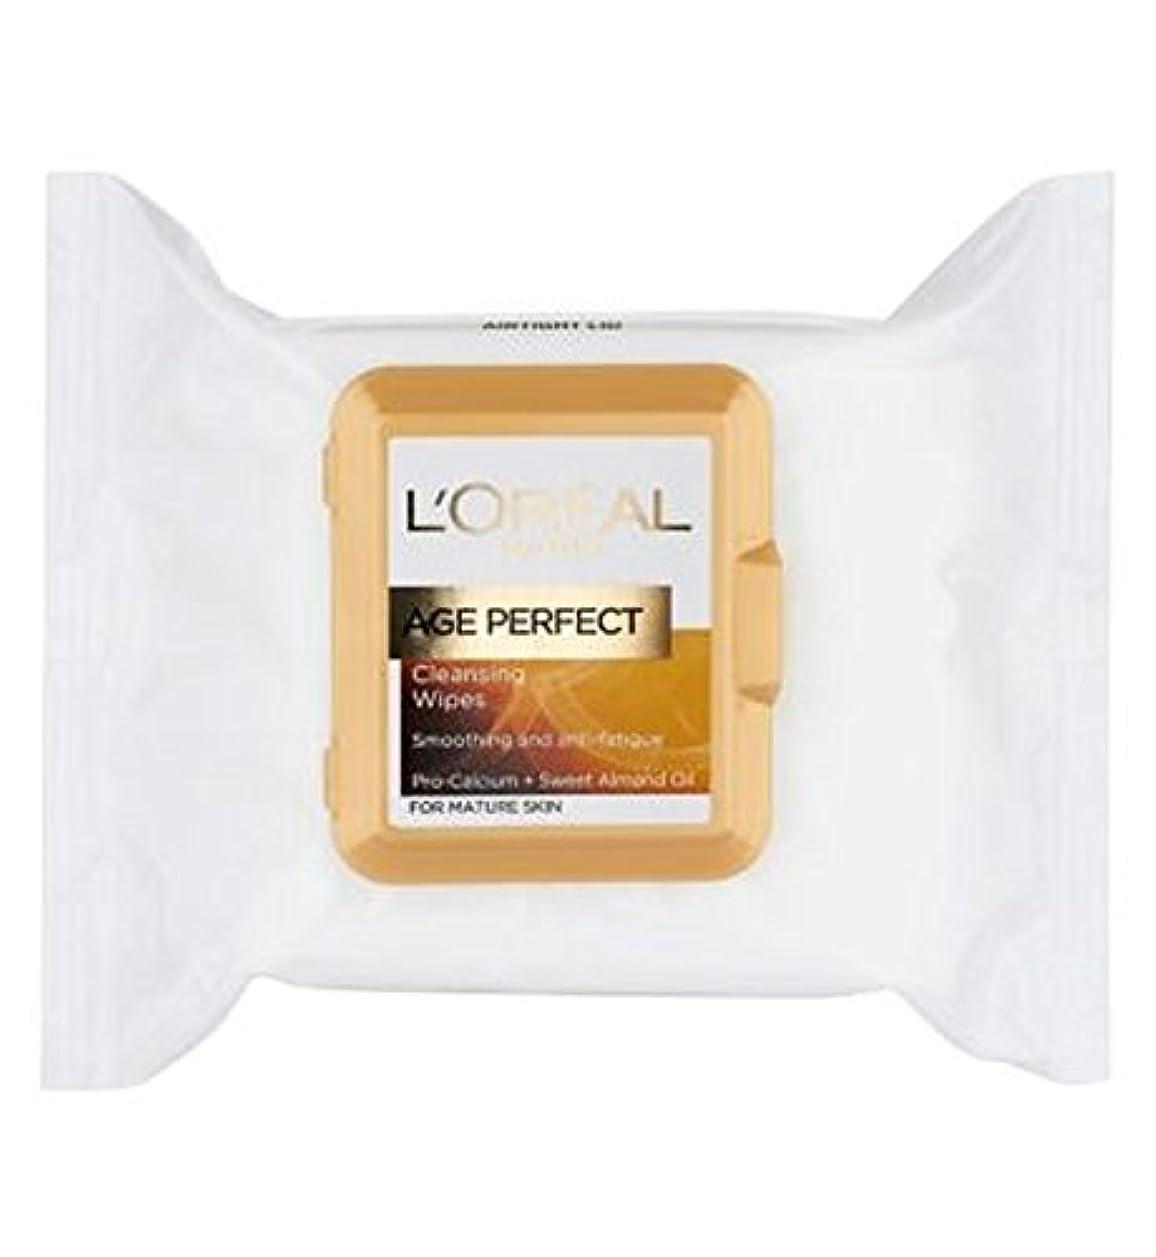 完璧なクレンジングを平滑L'Oreall真皮専門知識の年齢は成熟した皮膚の25S用のワイプ (L'Oreal) (x2) - L'Oreall Dermo-Expertise Age Smoothing Perfect Cleansing Wipes For Mature Skin 25s (Pack of 2) [並行輸入品]